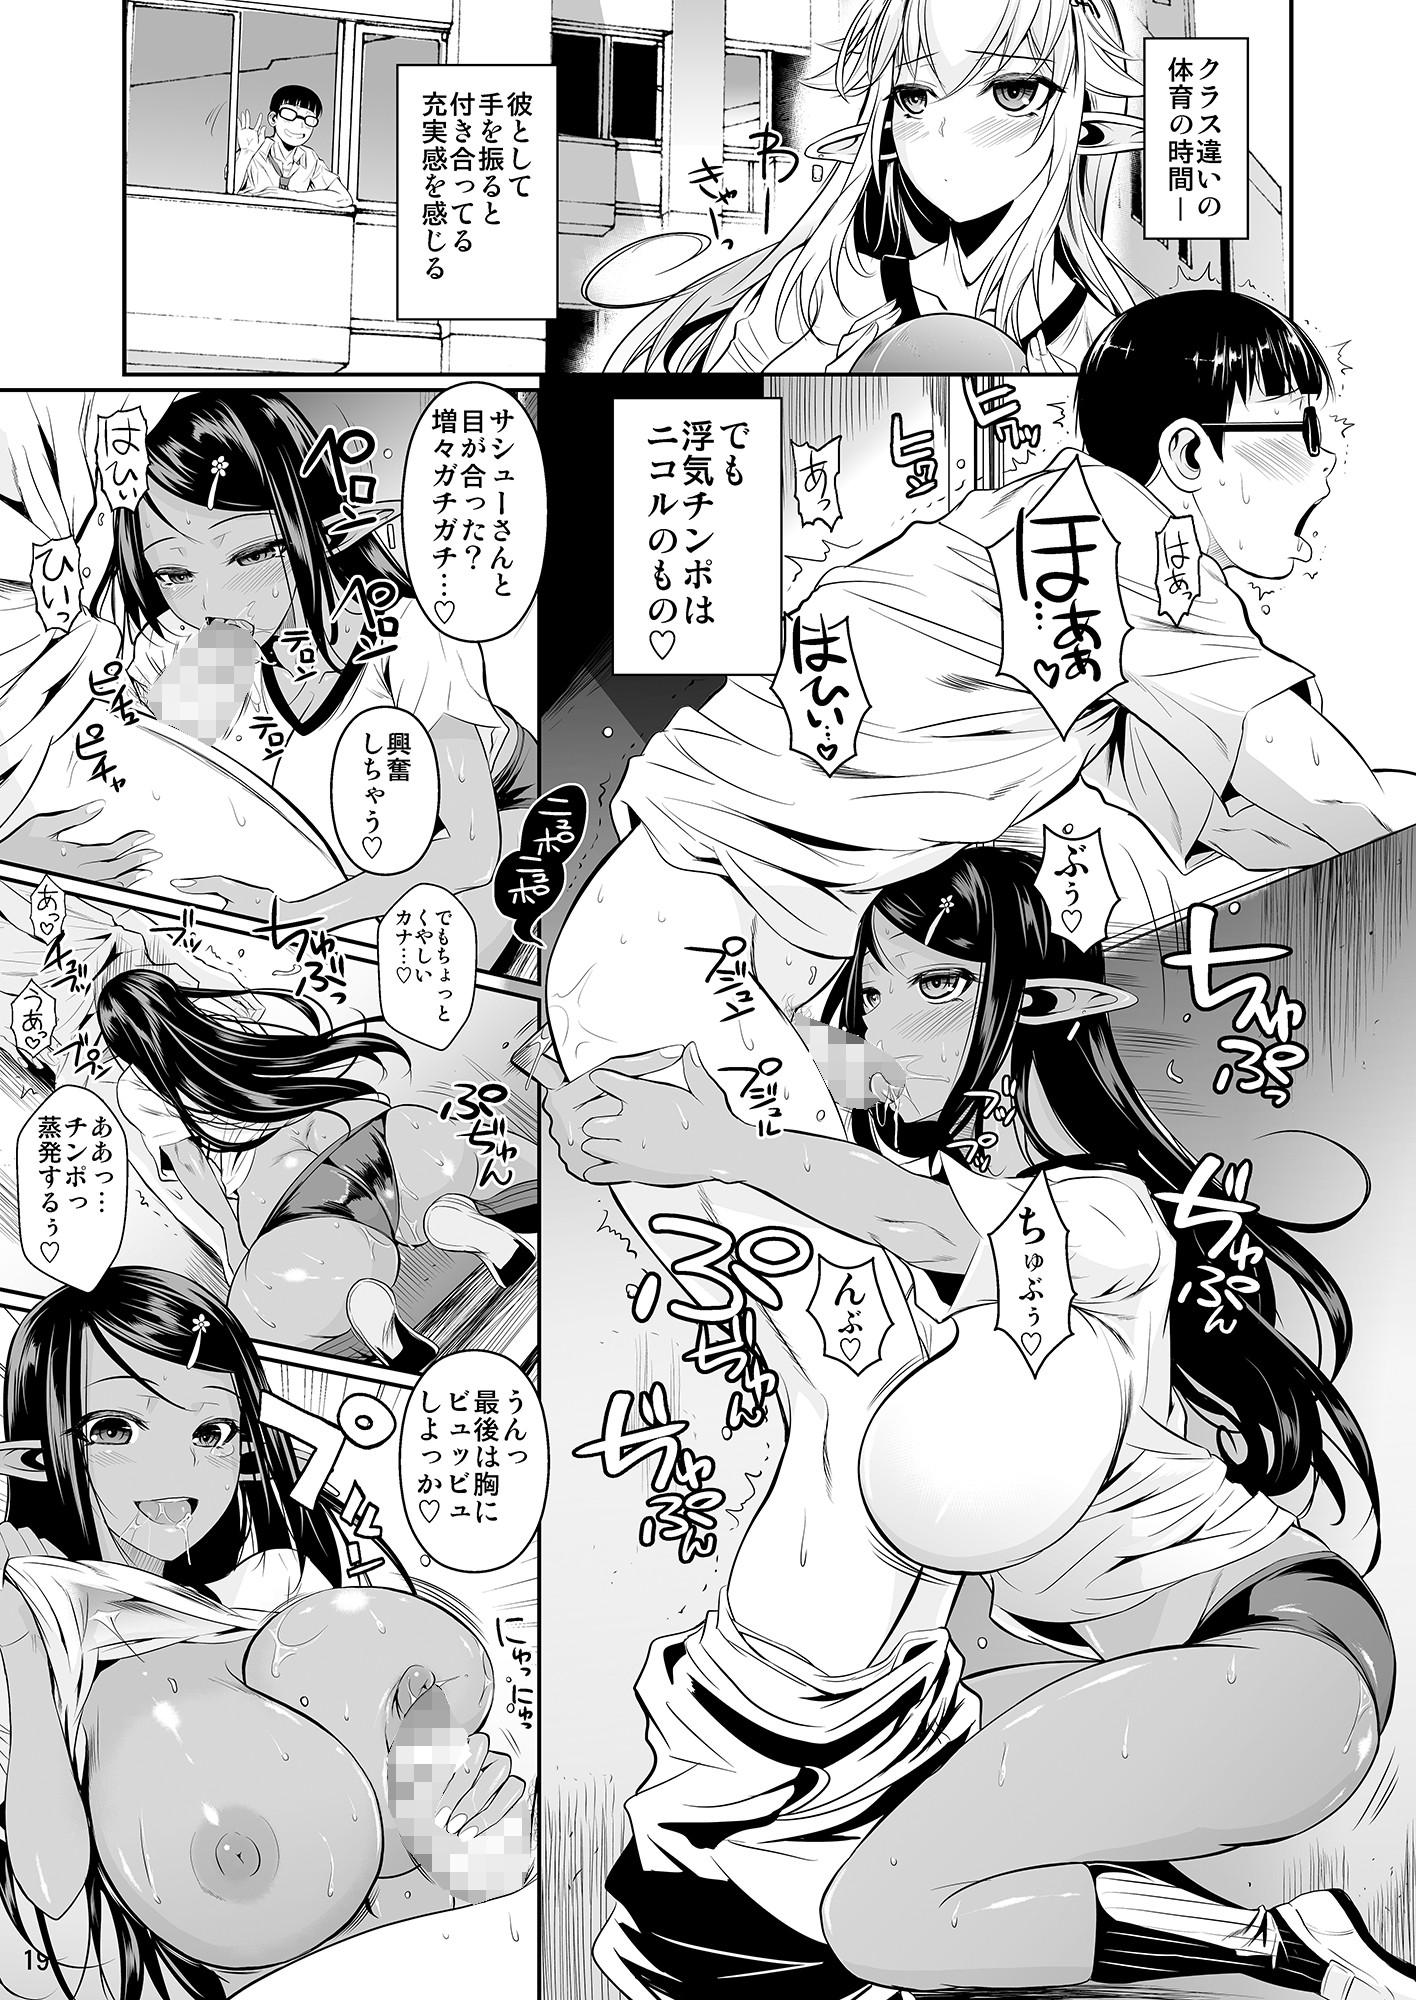 【エロ漫画無料大全集】メガネ後輩がヤリマンの巨乳エルフJKに誘惑され彼女を見ながら浮気セックスwww